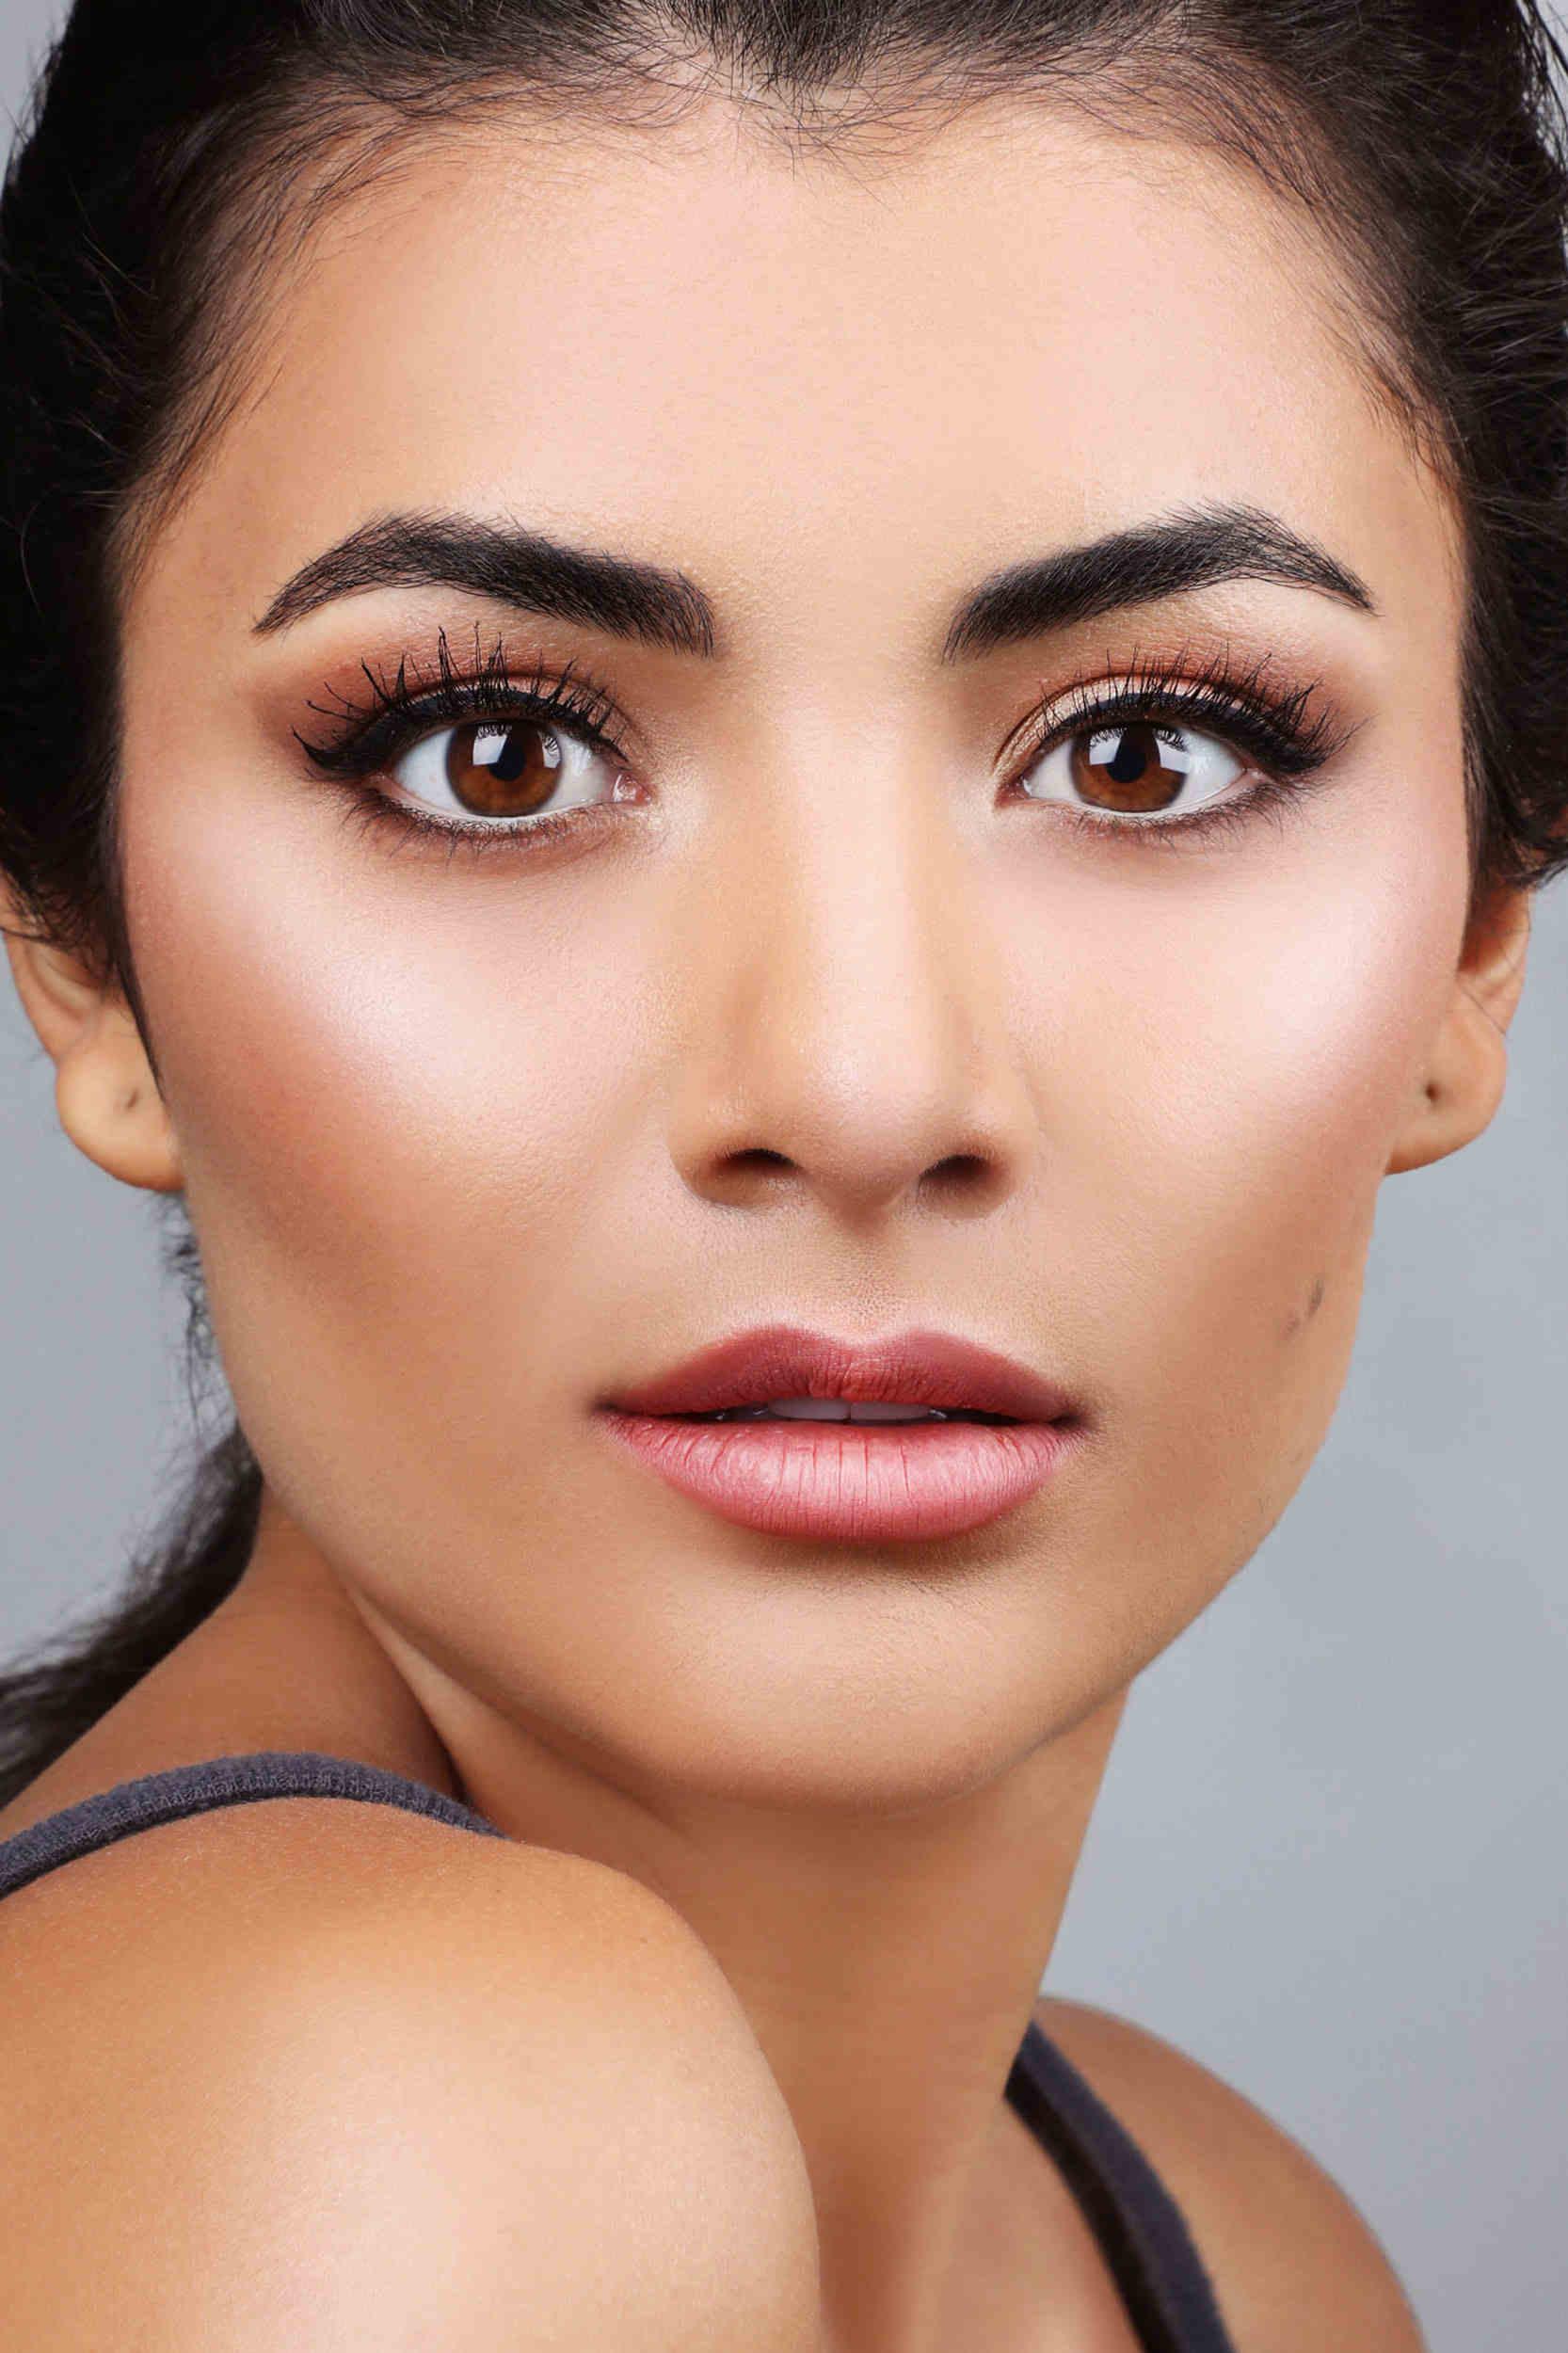 makeup-shots00027v